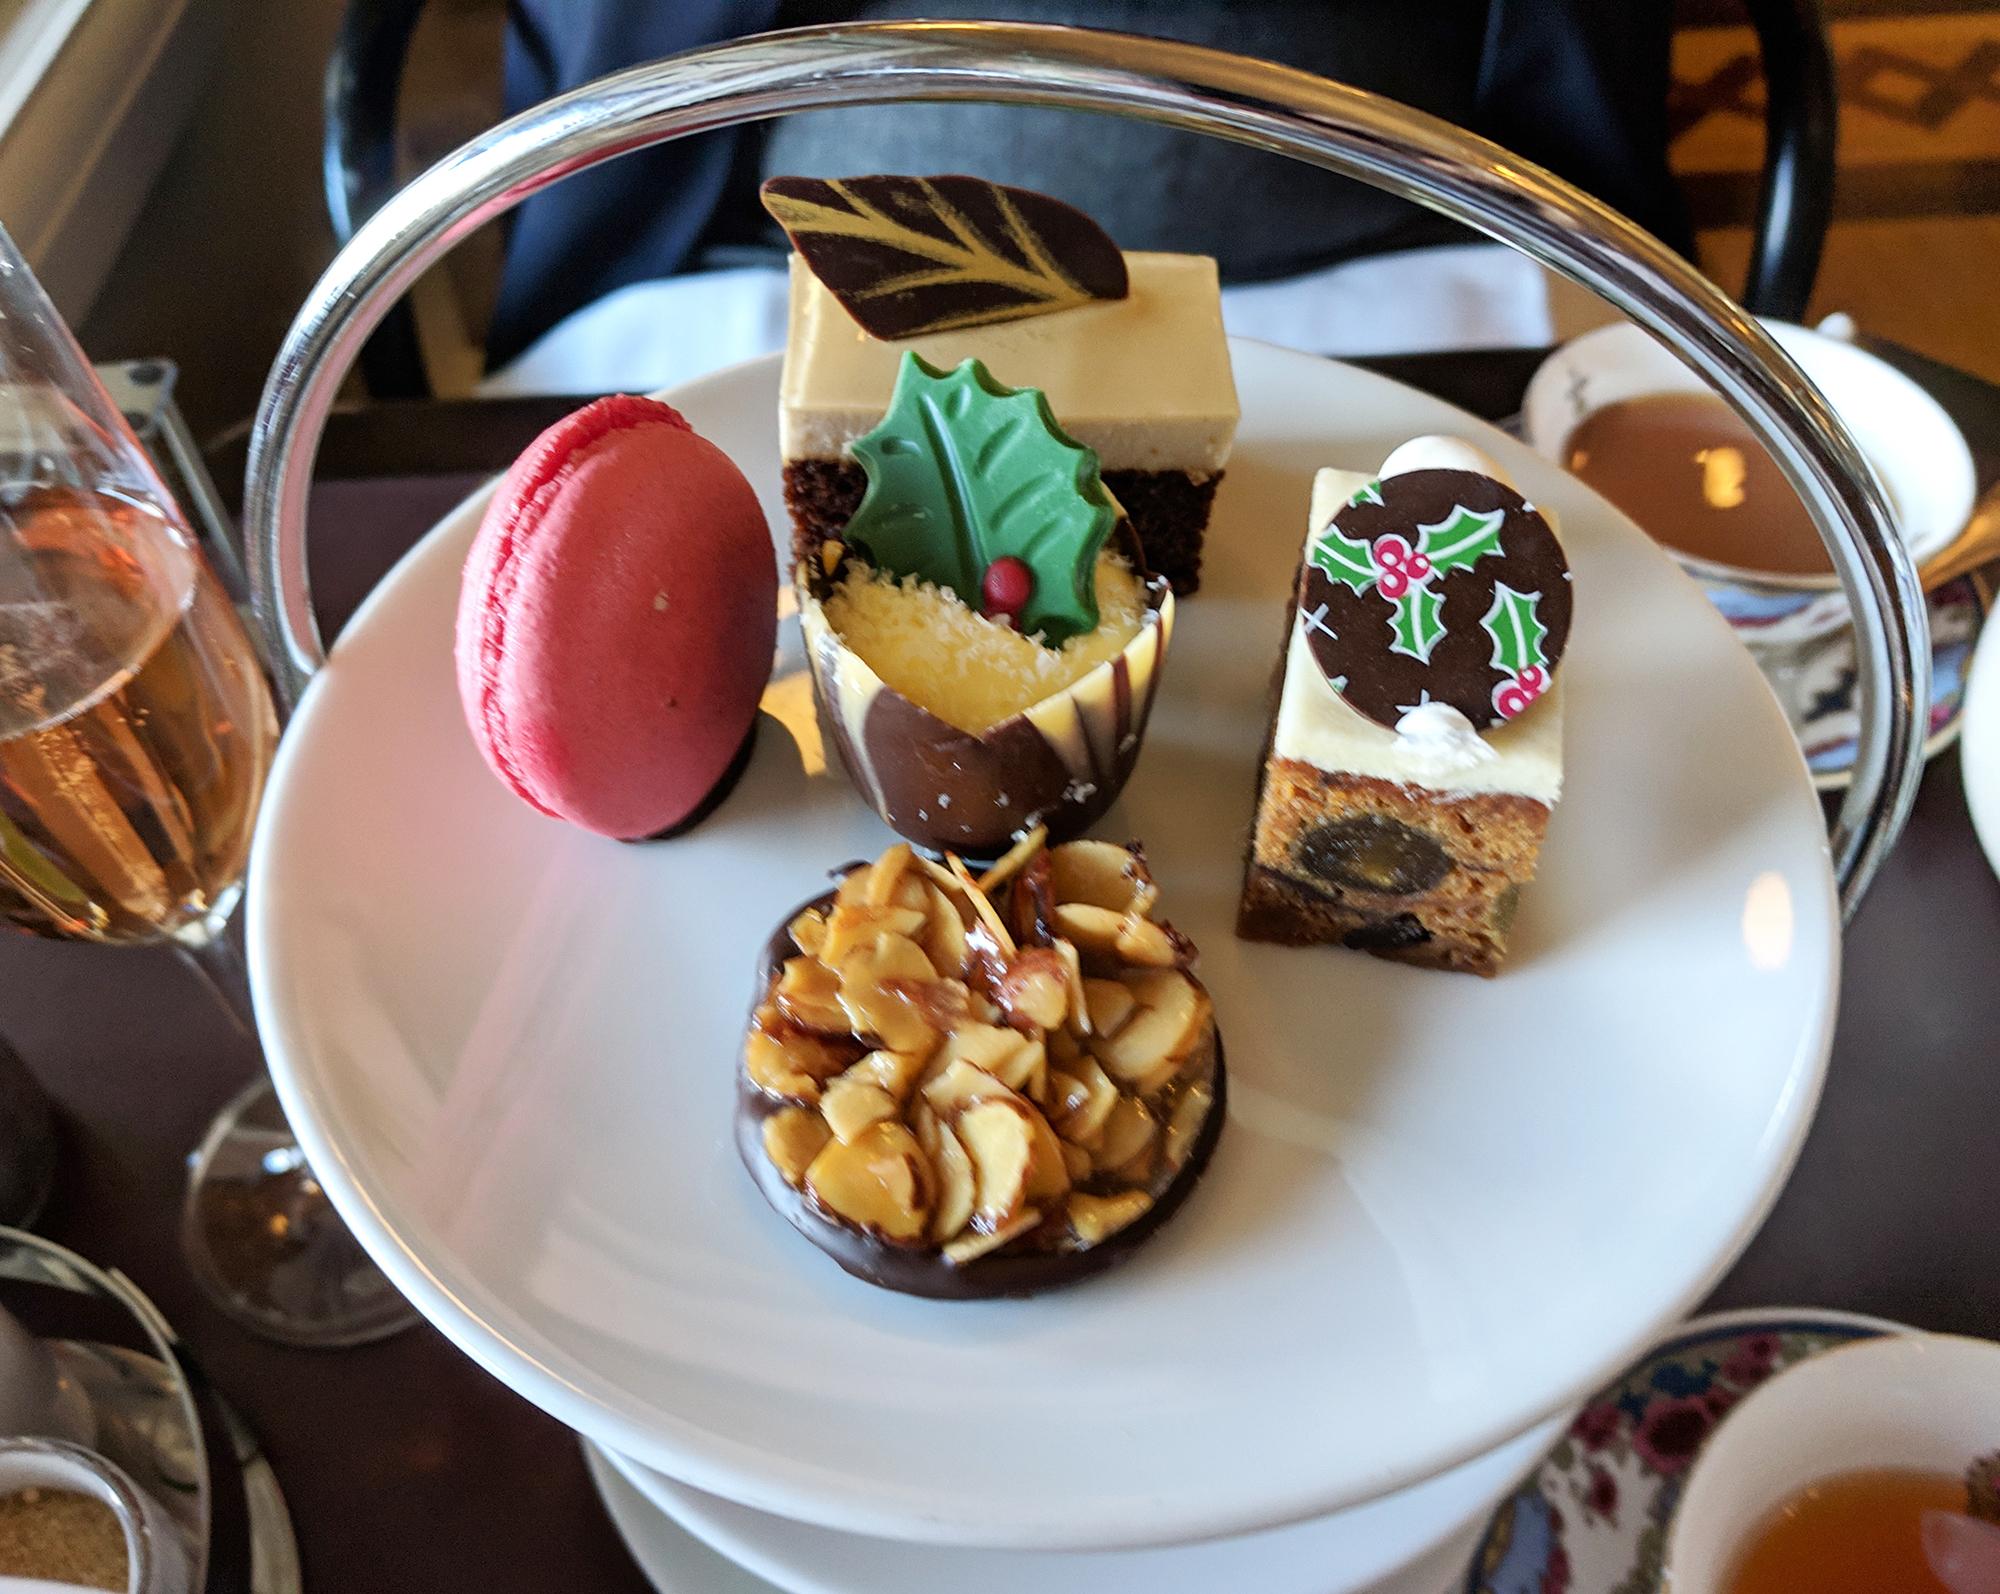 Dessert options for the seasonal festive tea